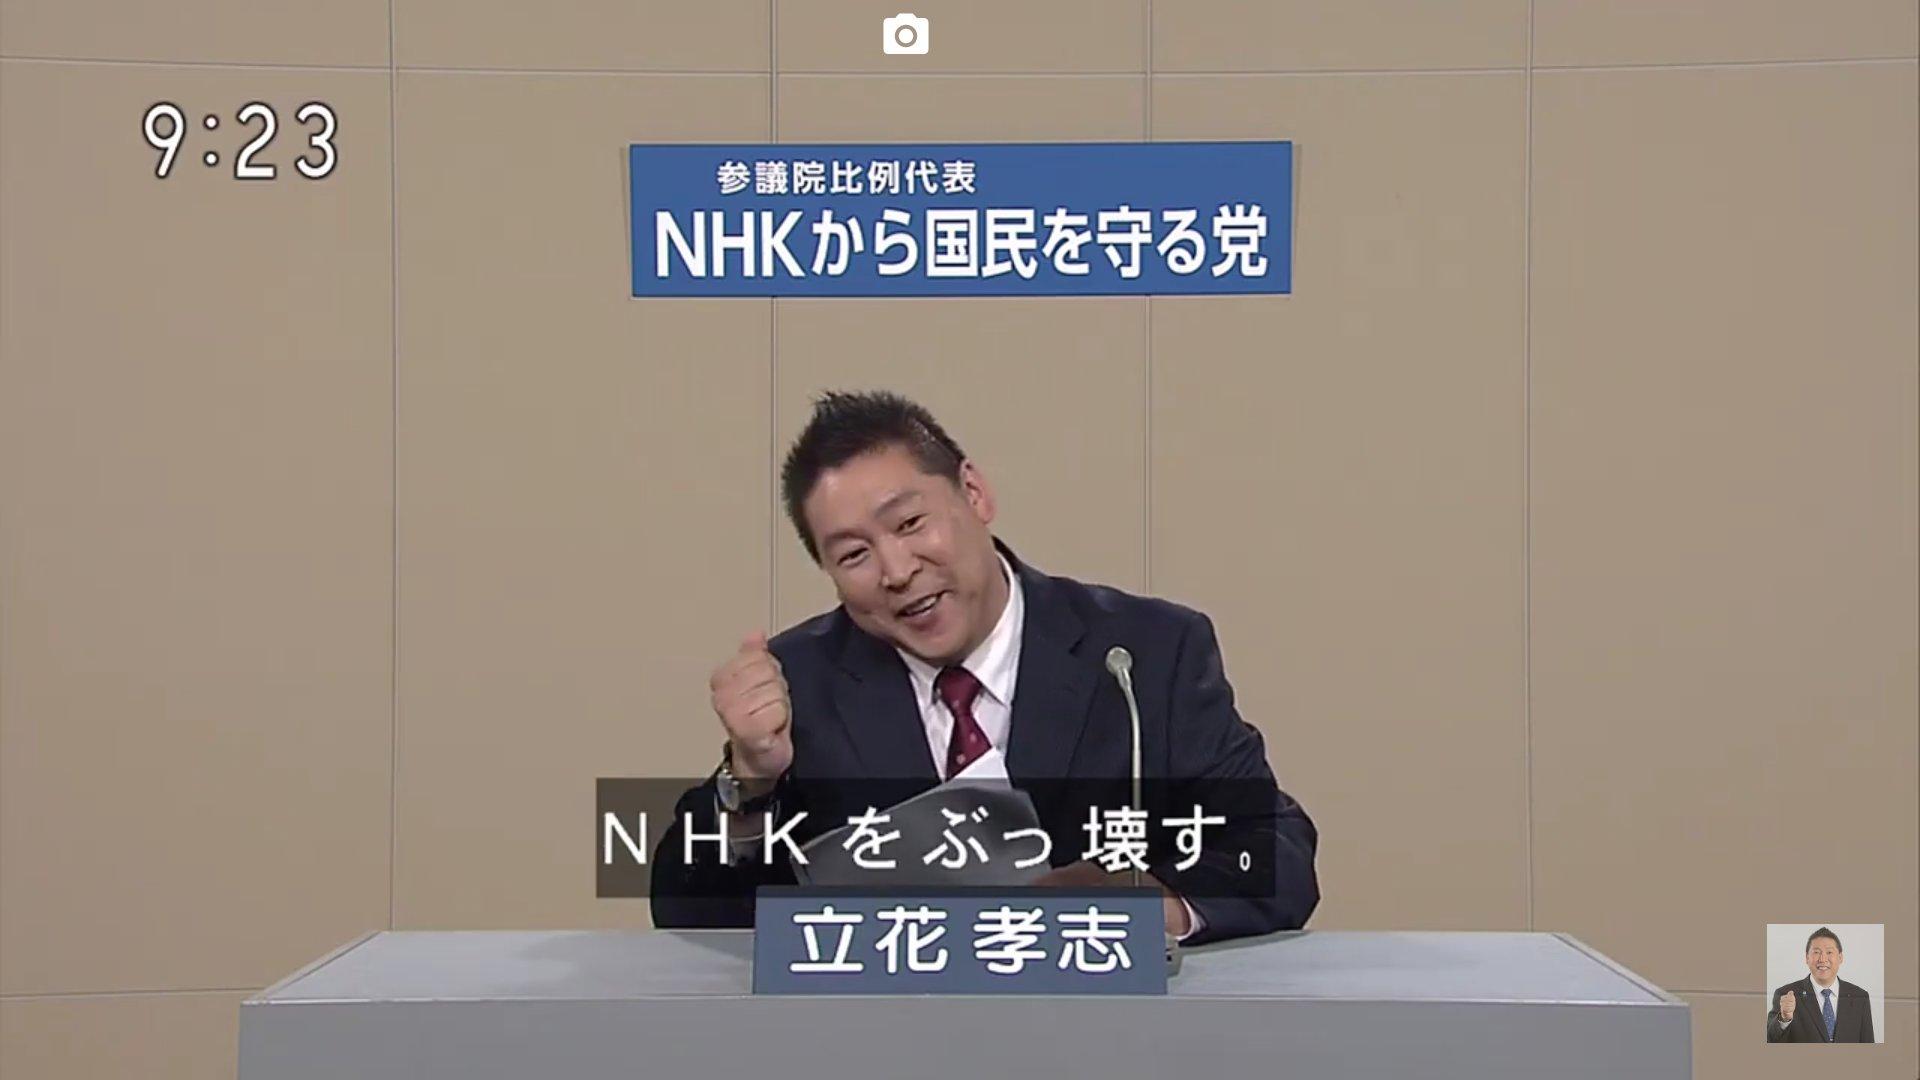 放送事故?NHKの政見放送でとんでもない発言が発せられるwww